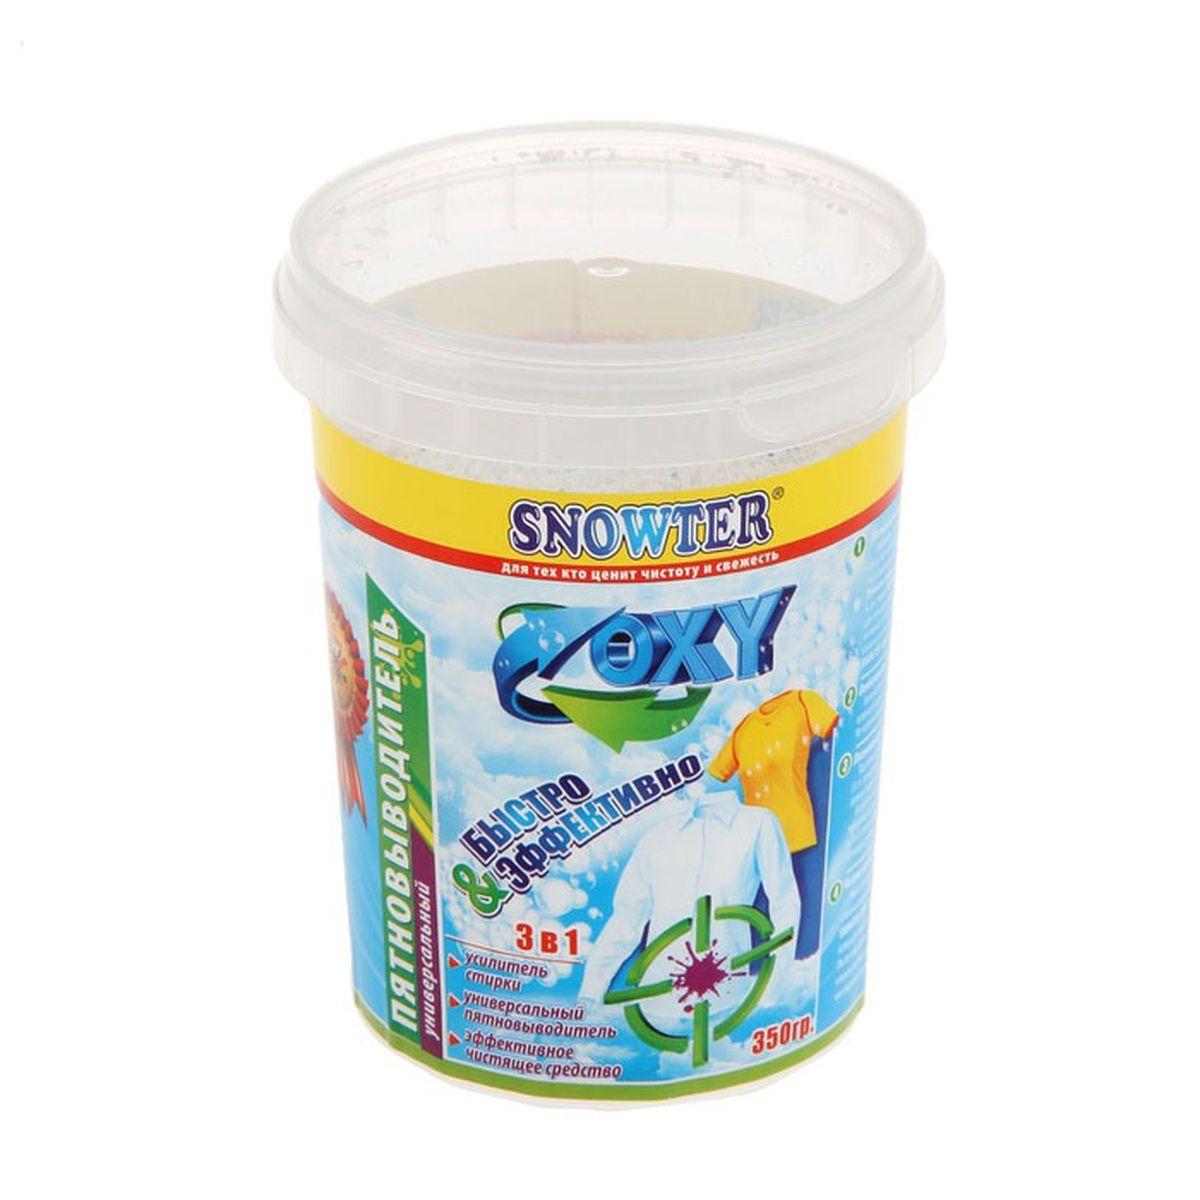 Пятновыводитель Snowter OXY, усилитель стирки универсальный, 350 г пятновыводитель snowter oxy усилитель стирки универсальный 350 г